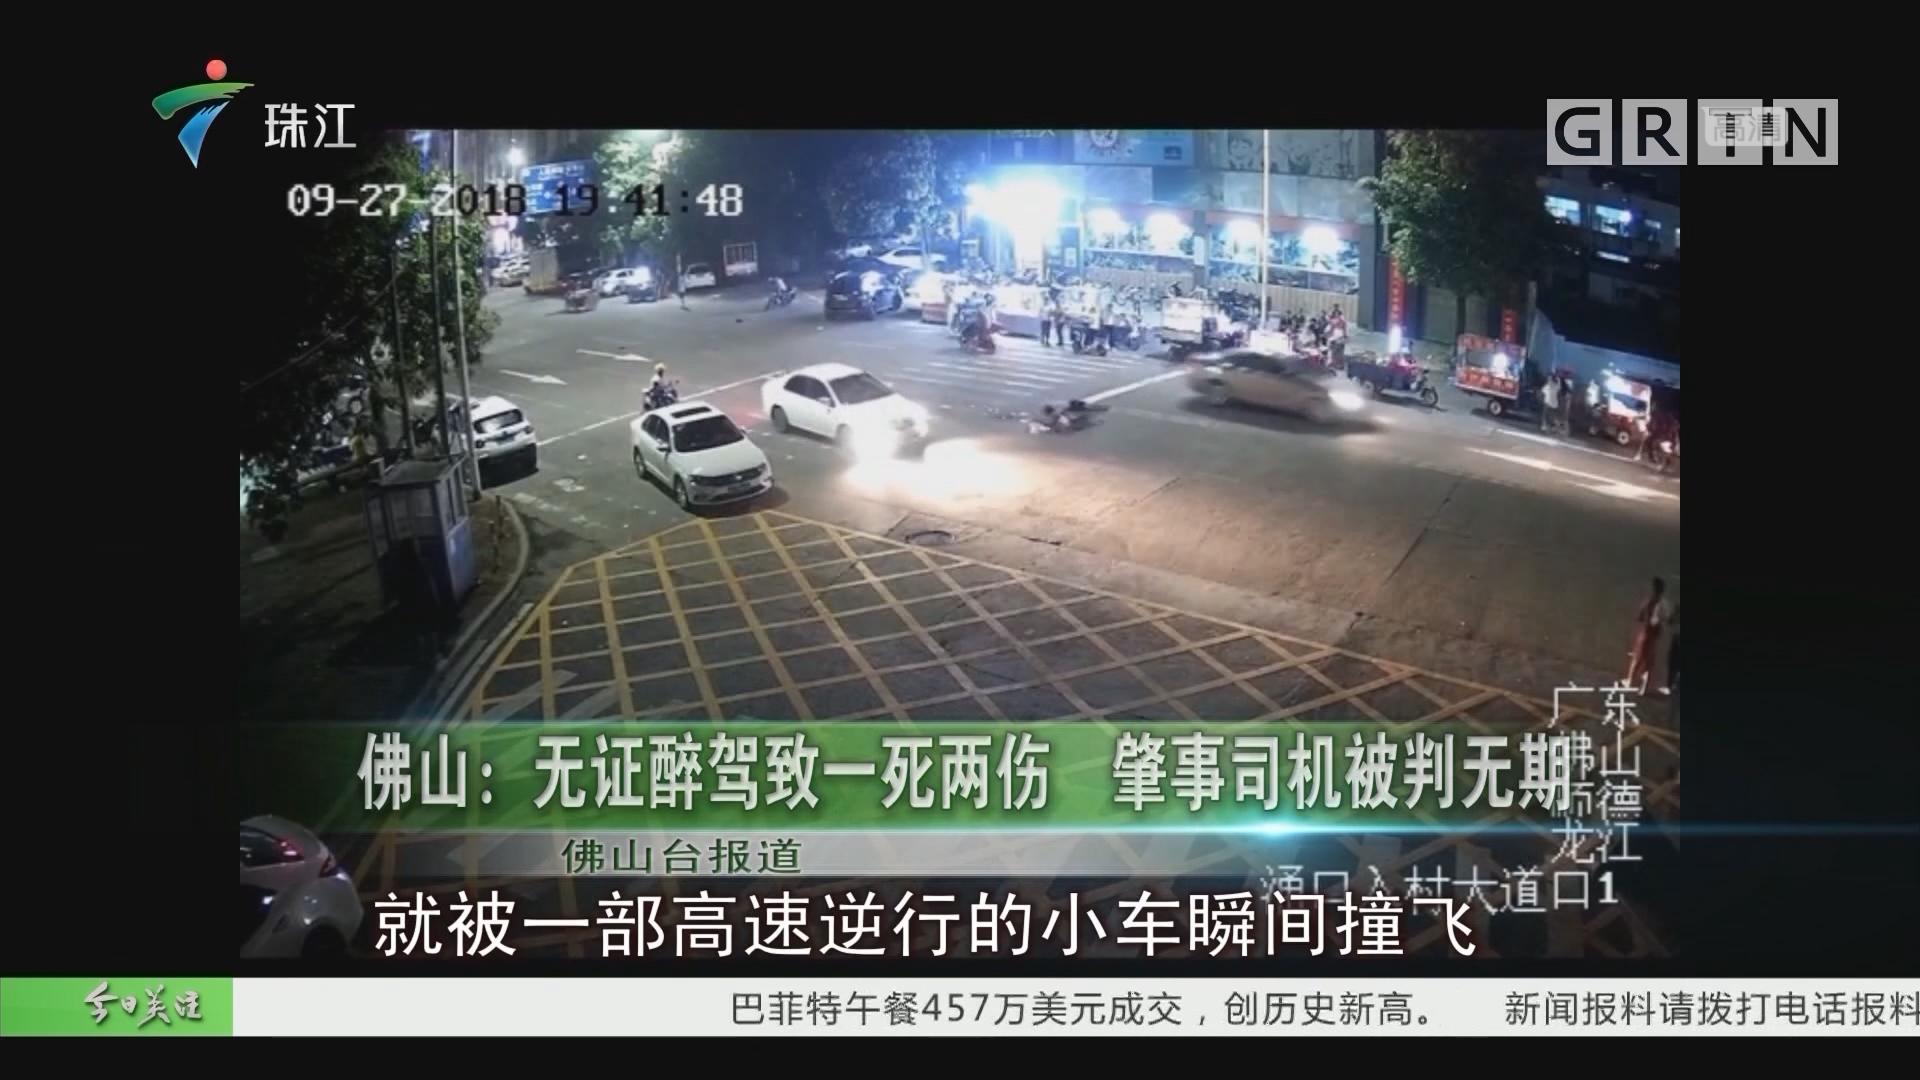 佛山:无证醉驾致一死两伤 肇事司机被判无期